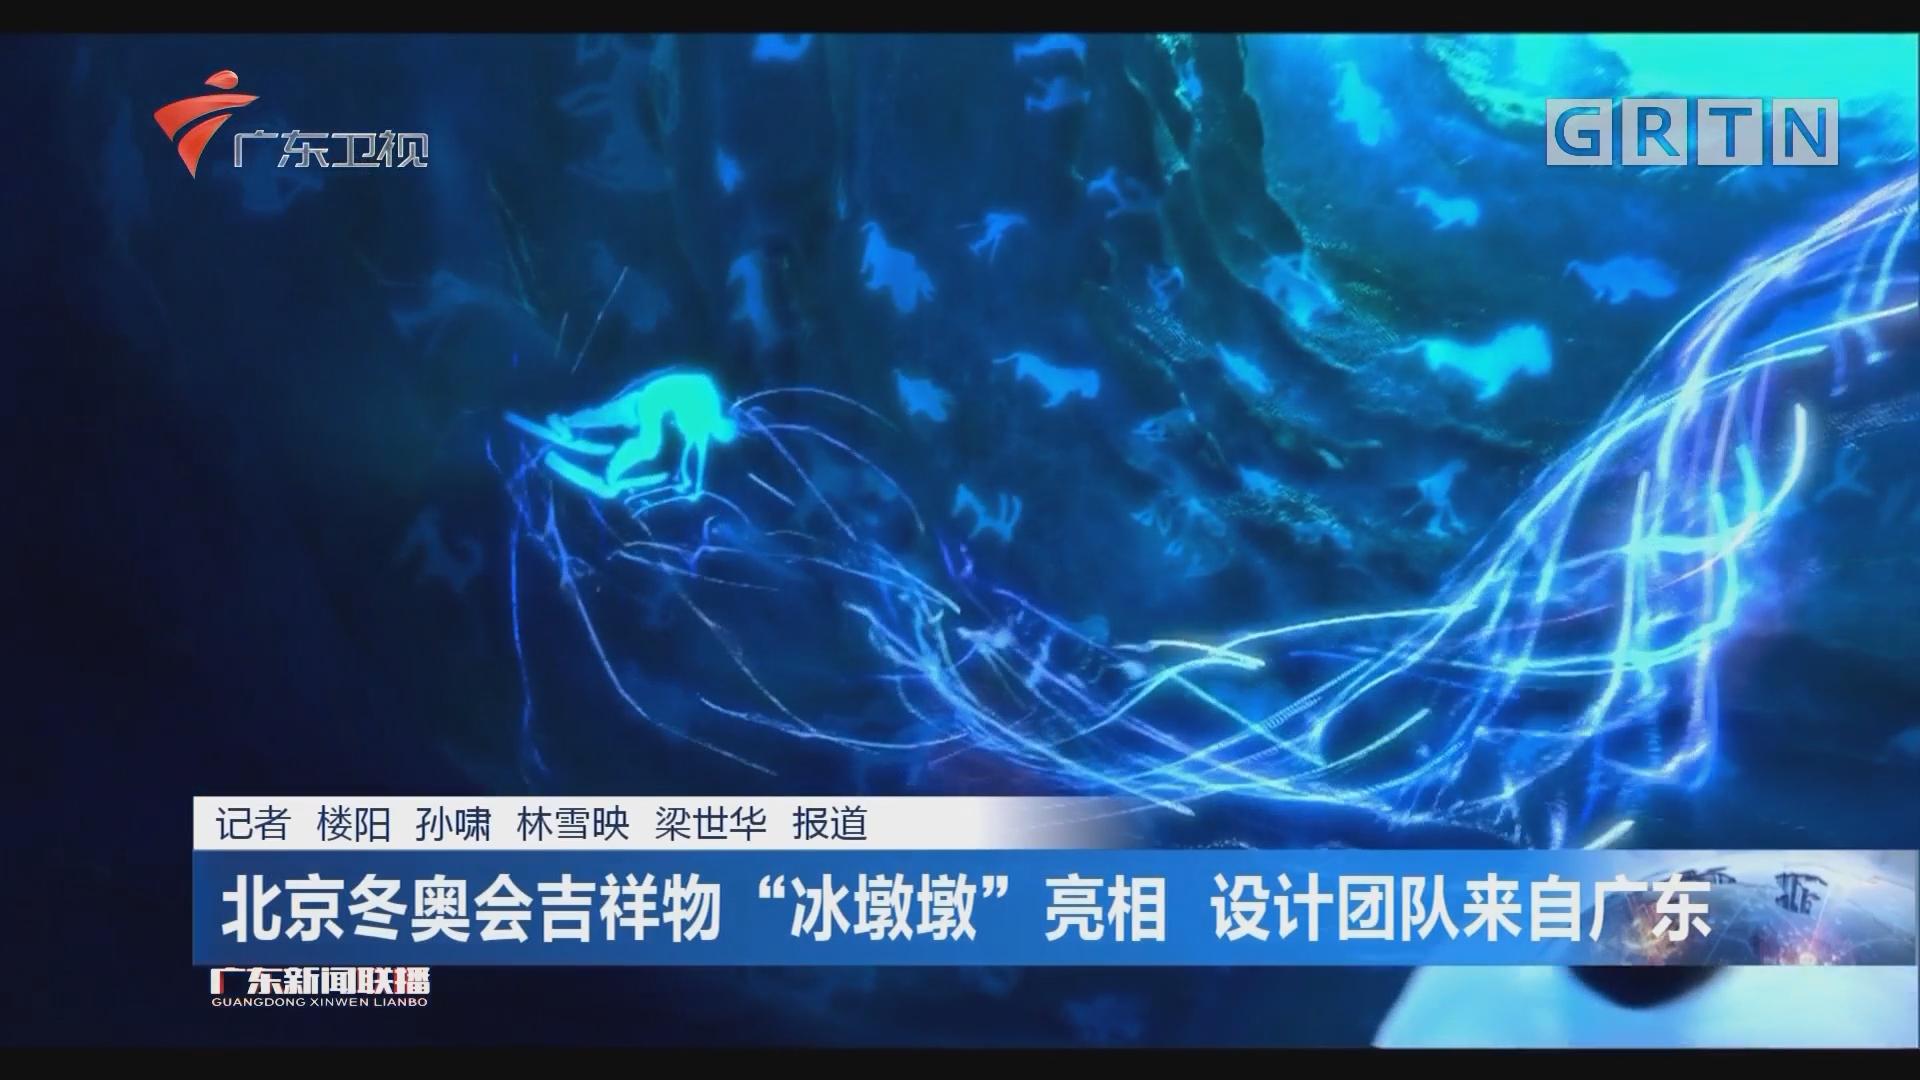 """北京冬奥会吉祥物""""冰墩墩""""亮相 设计团队来自广东"""